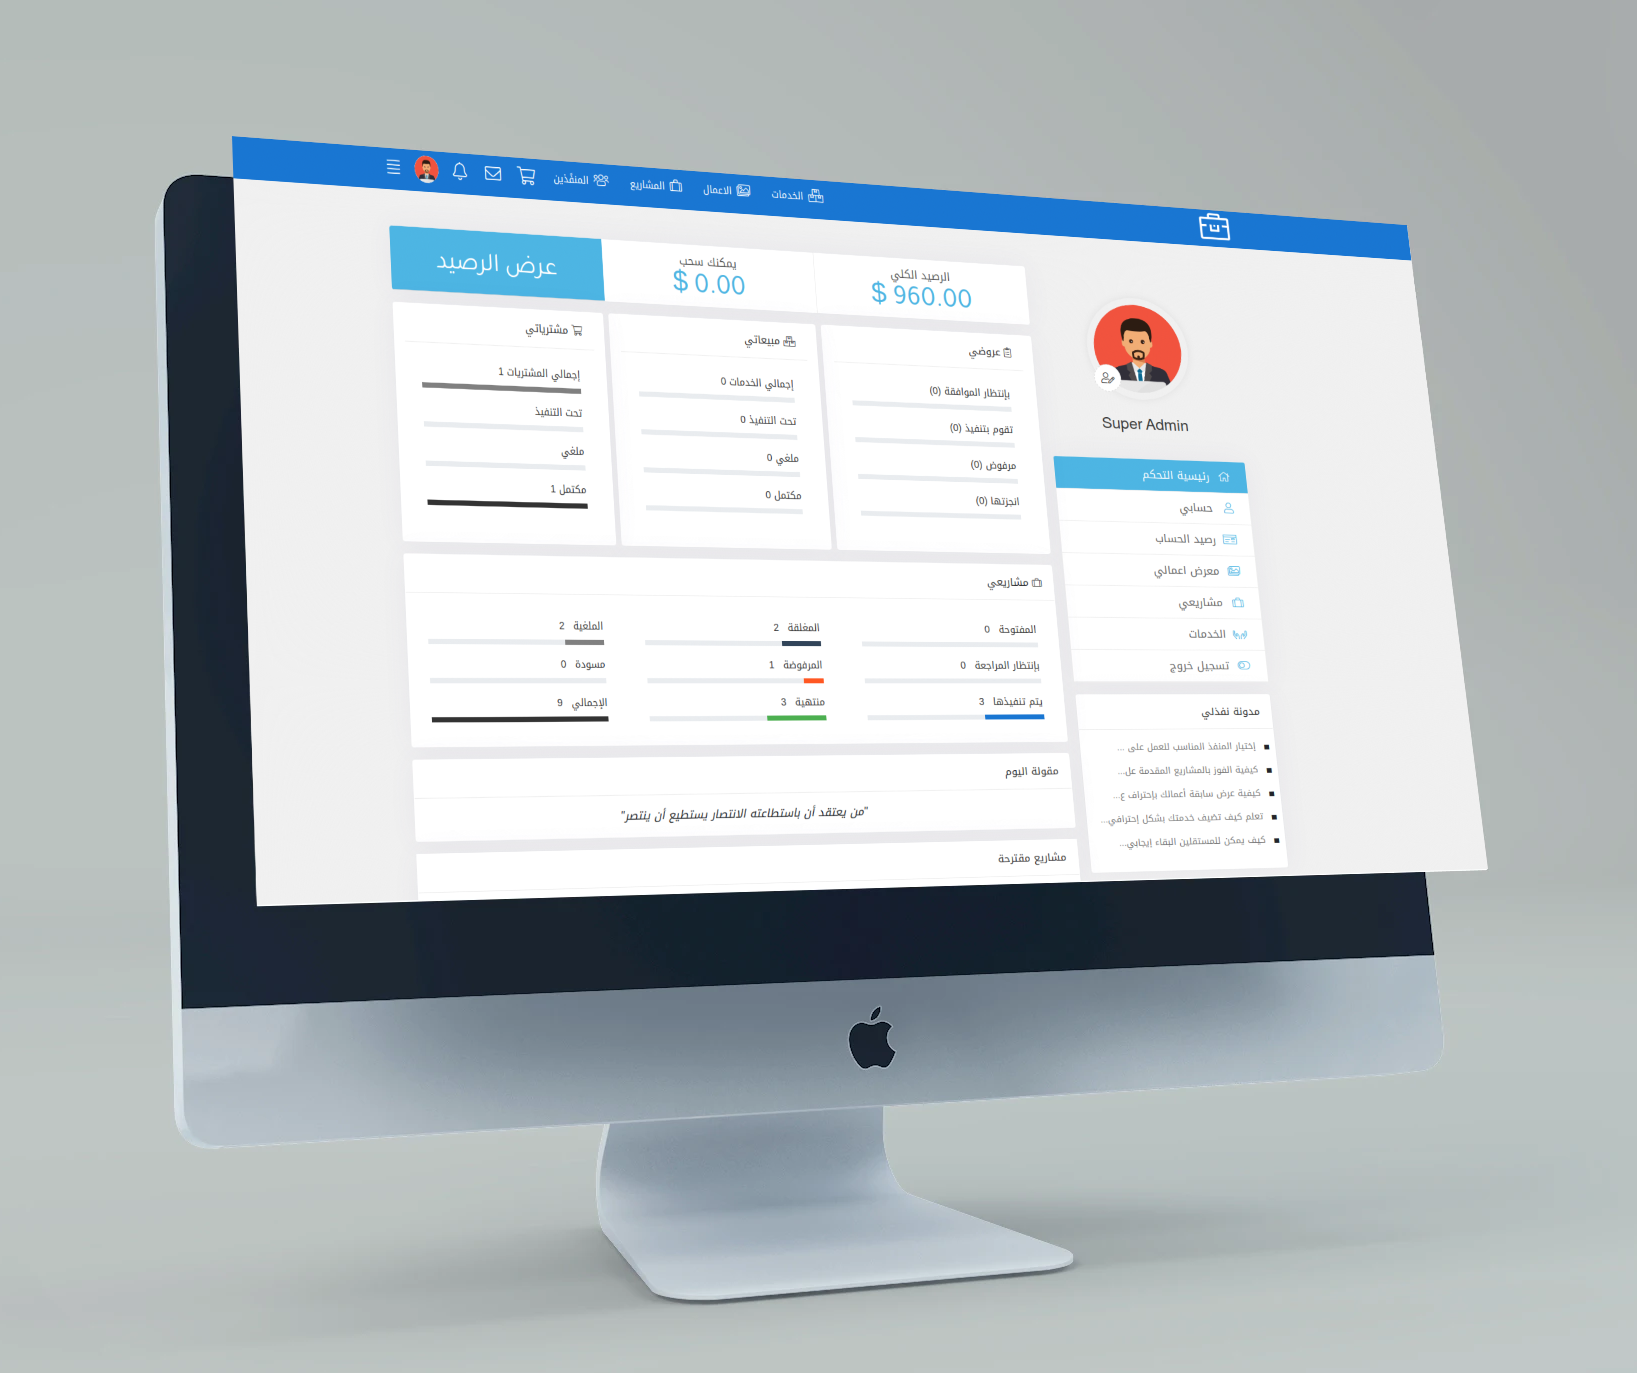 تصميم UI UX لموقع نفذلي للعمل الحر